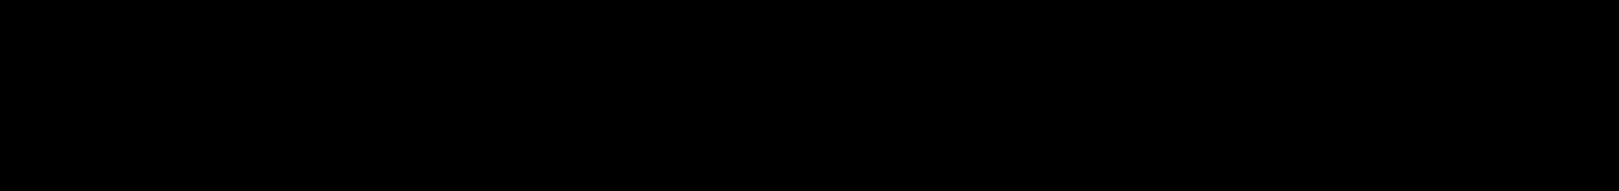 Amelia Basic Italic